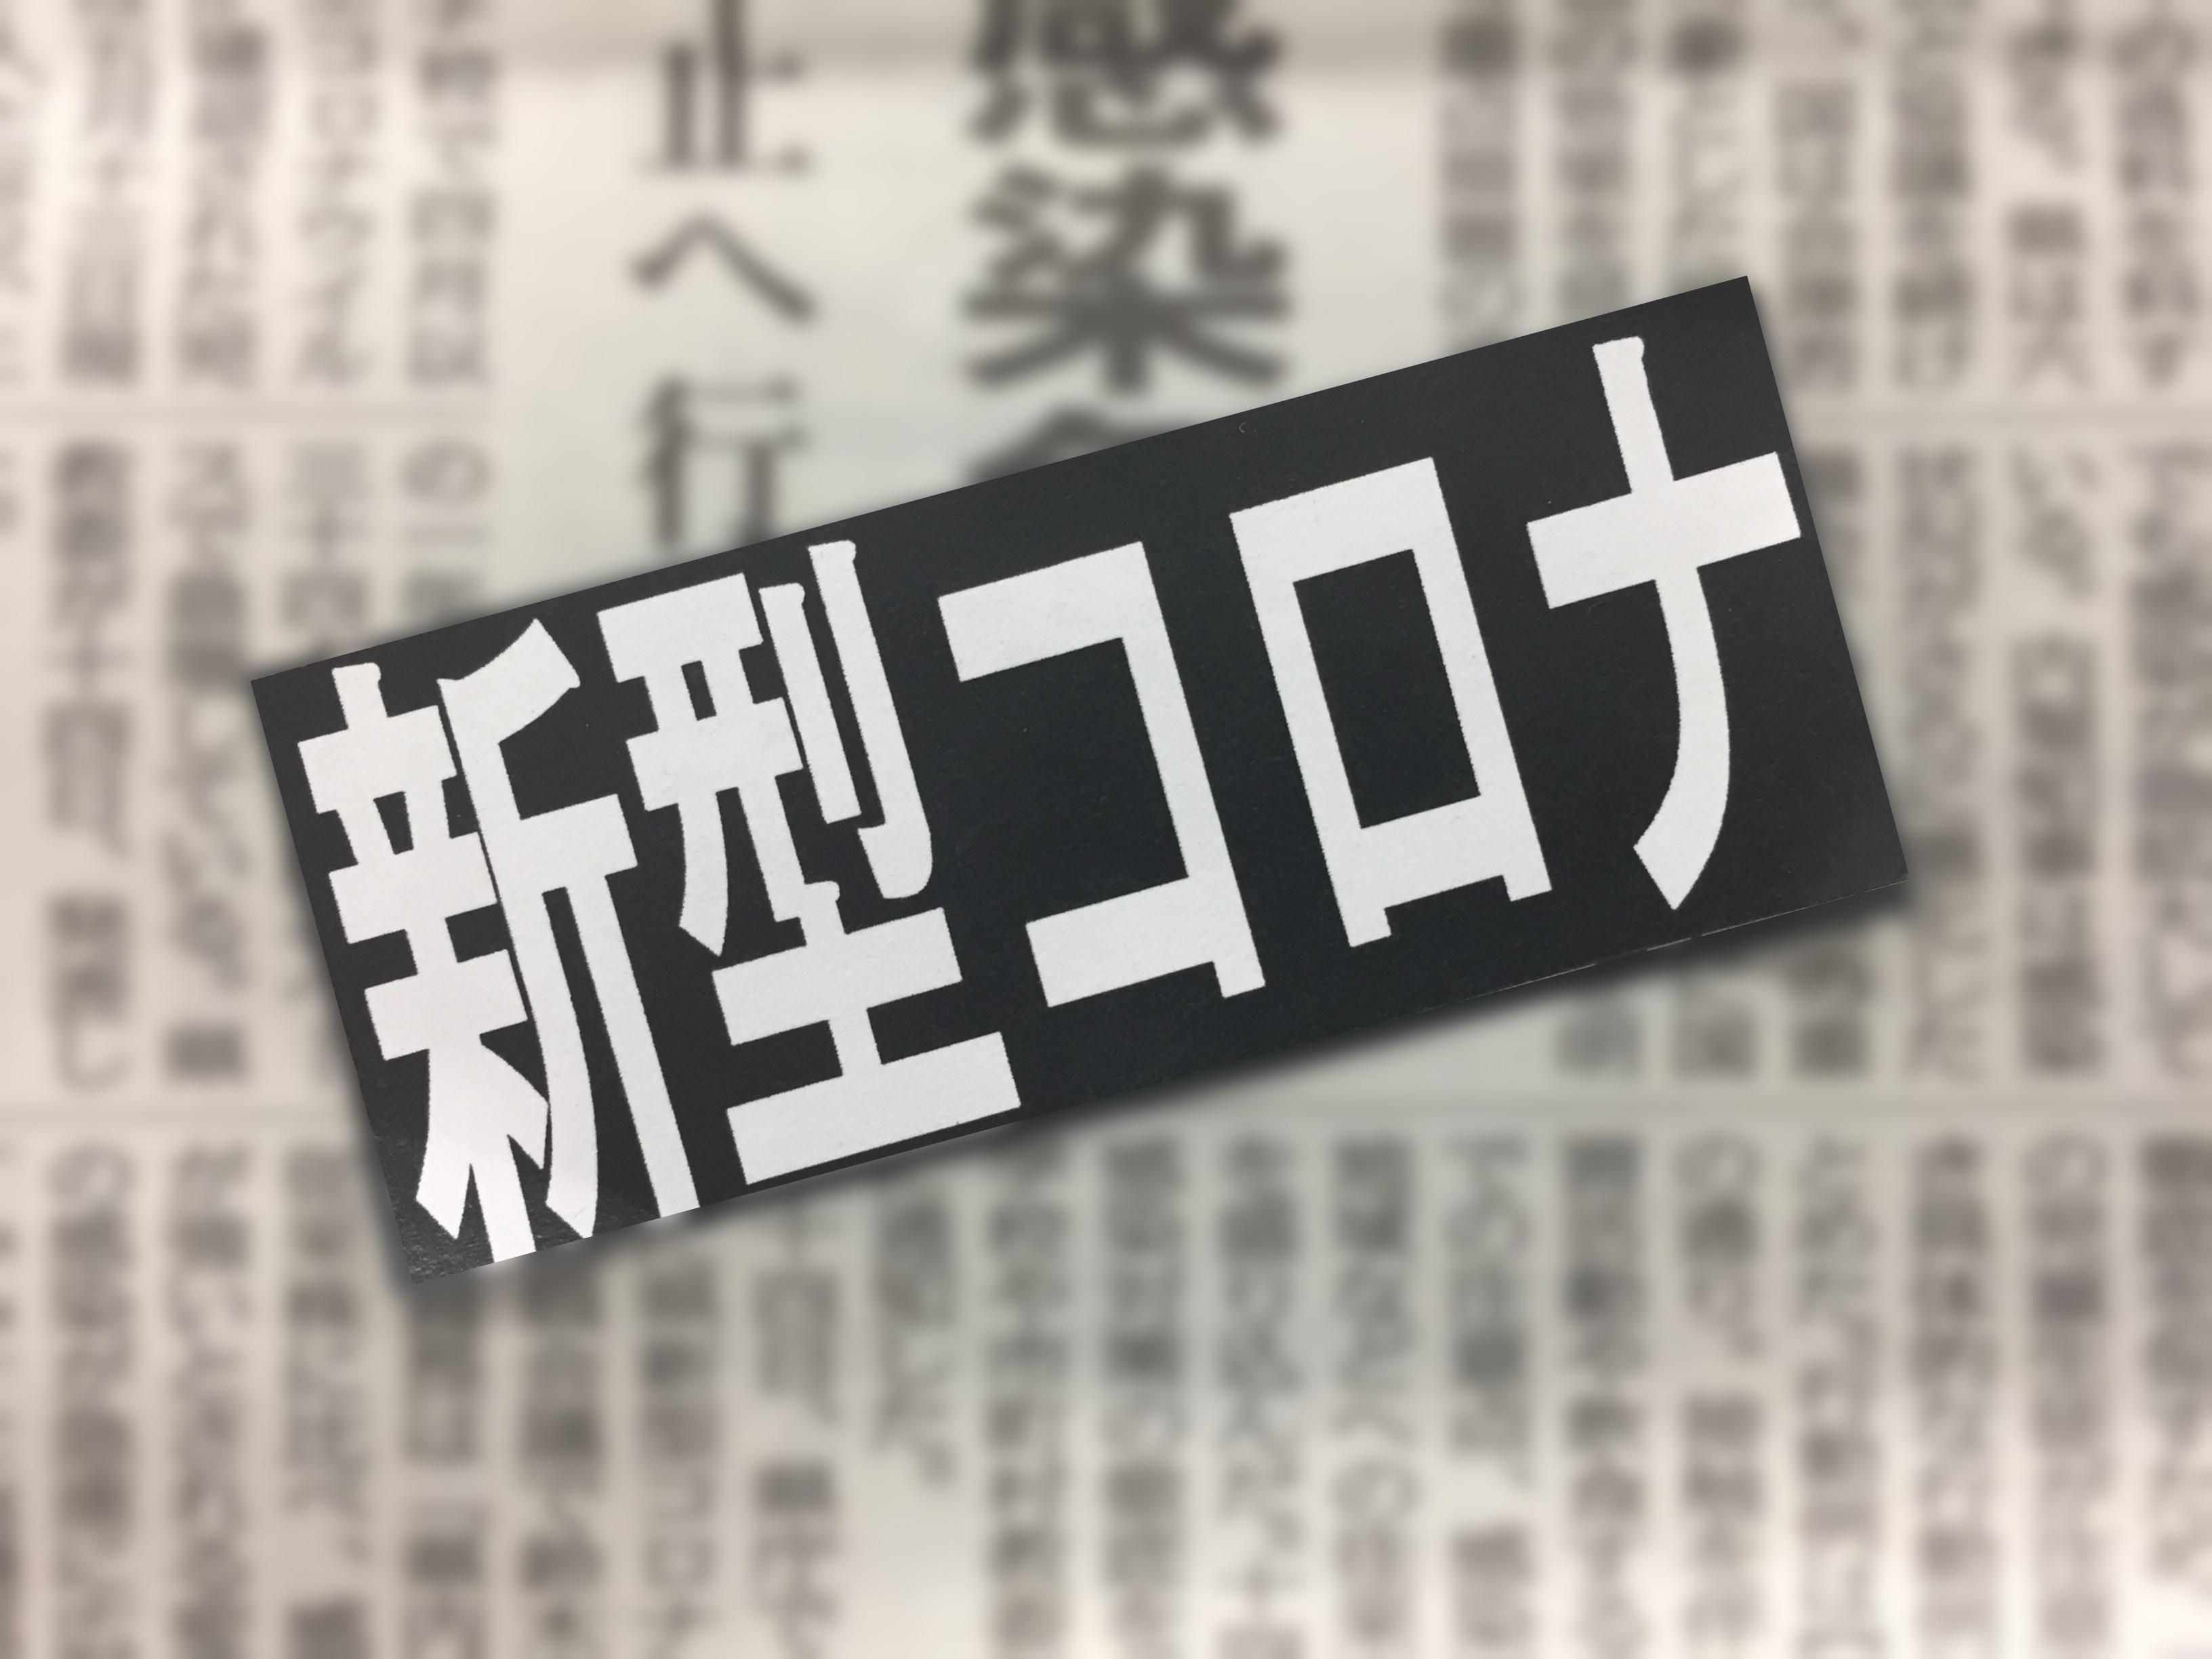 県 コロナ 速報 twitter 山口 山口県、全高校生にPCR検査 「通学、部活にリスク」